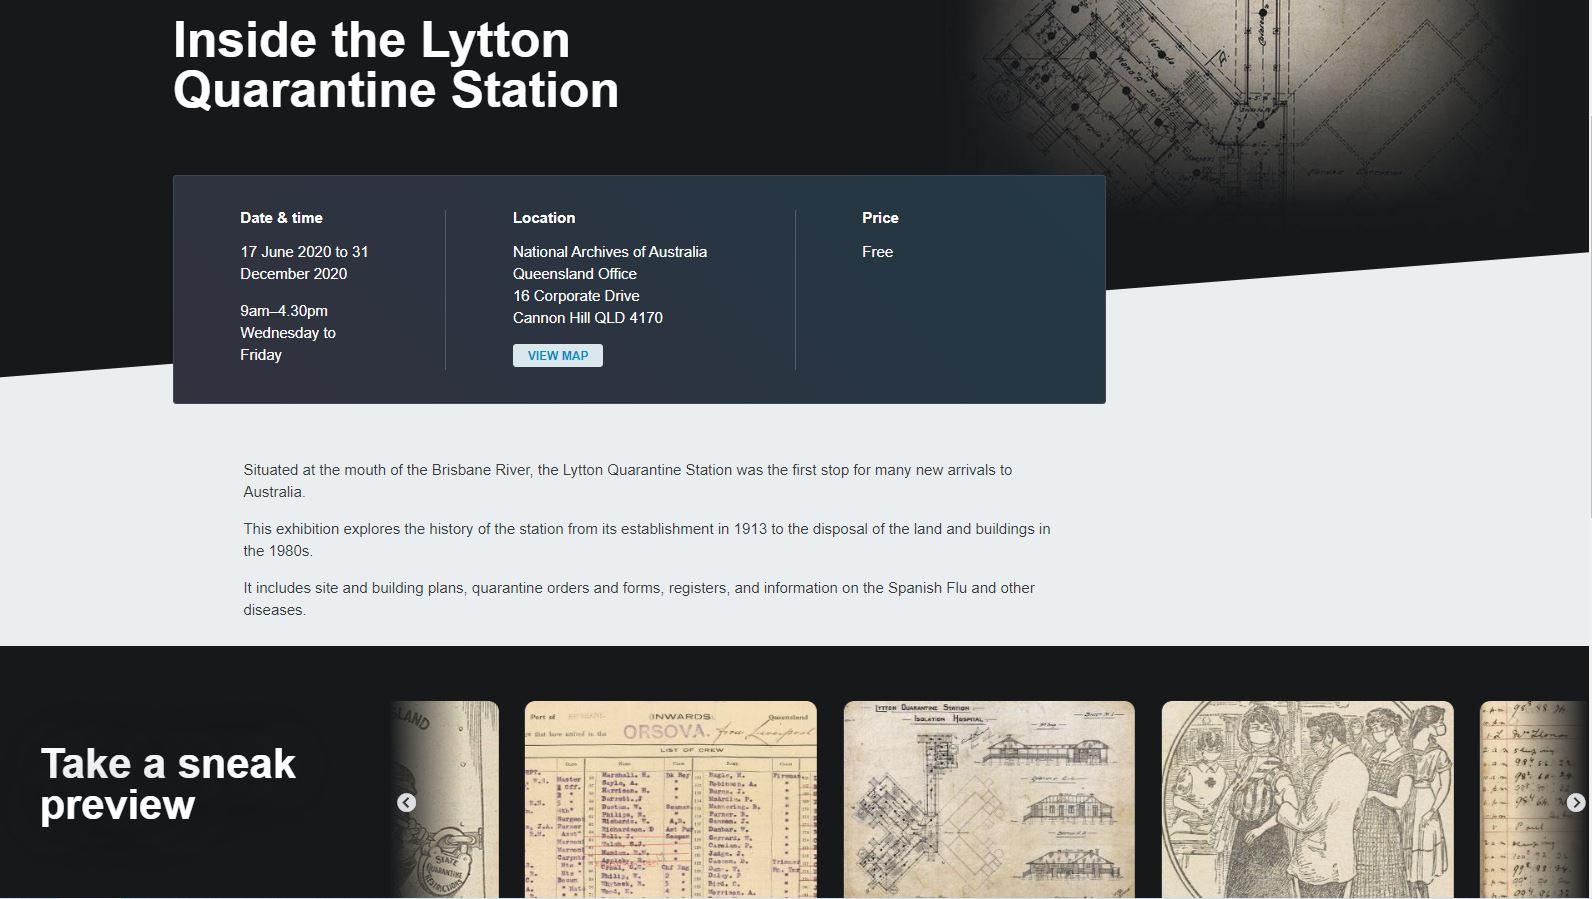 澳洲國家檔案館推出萊頓隔離檢疫站特展